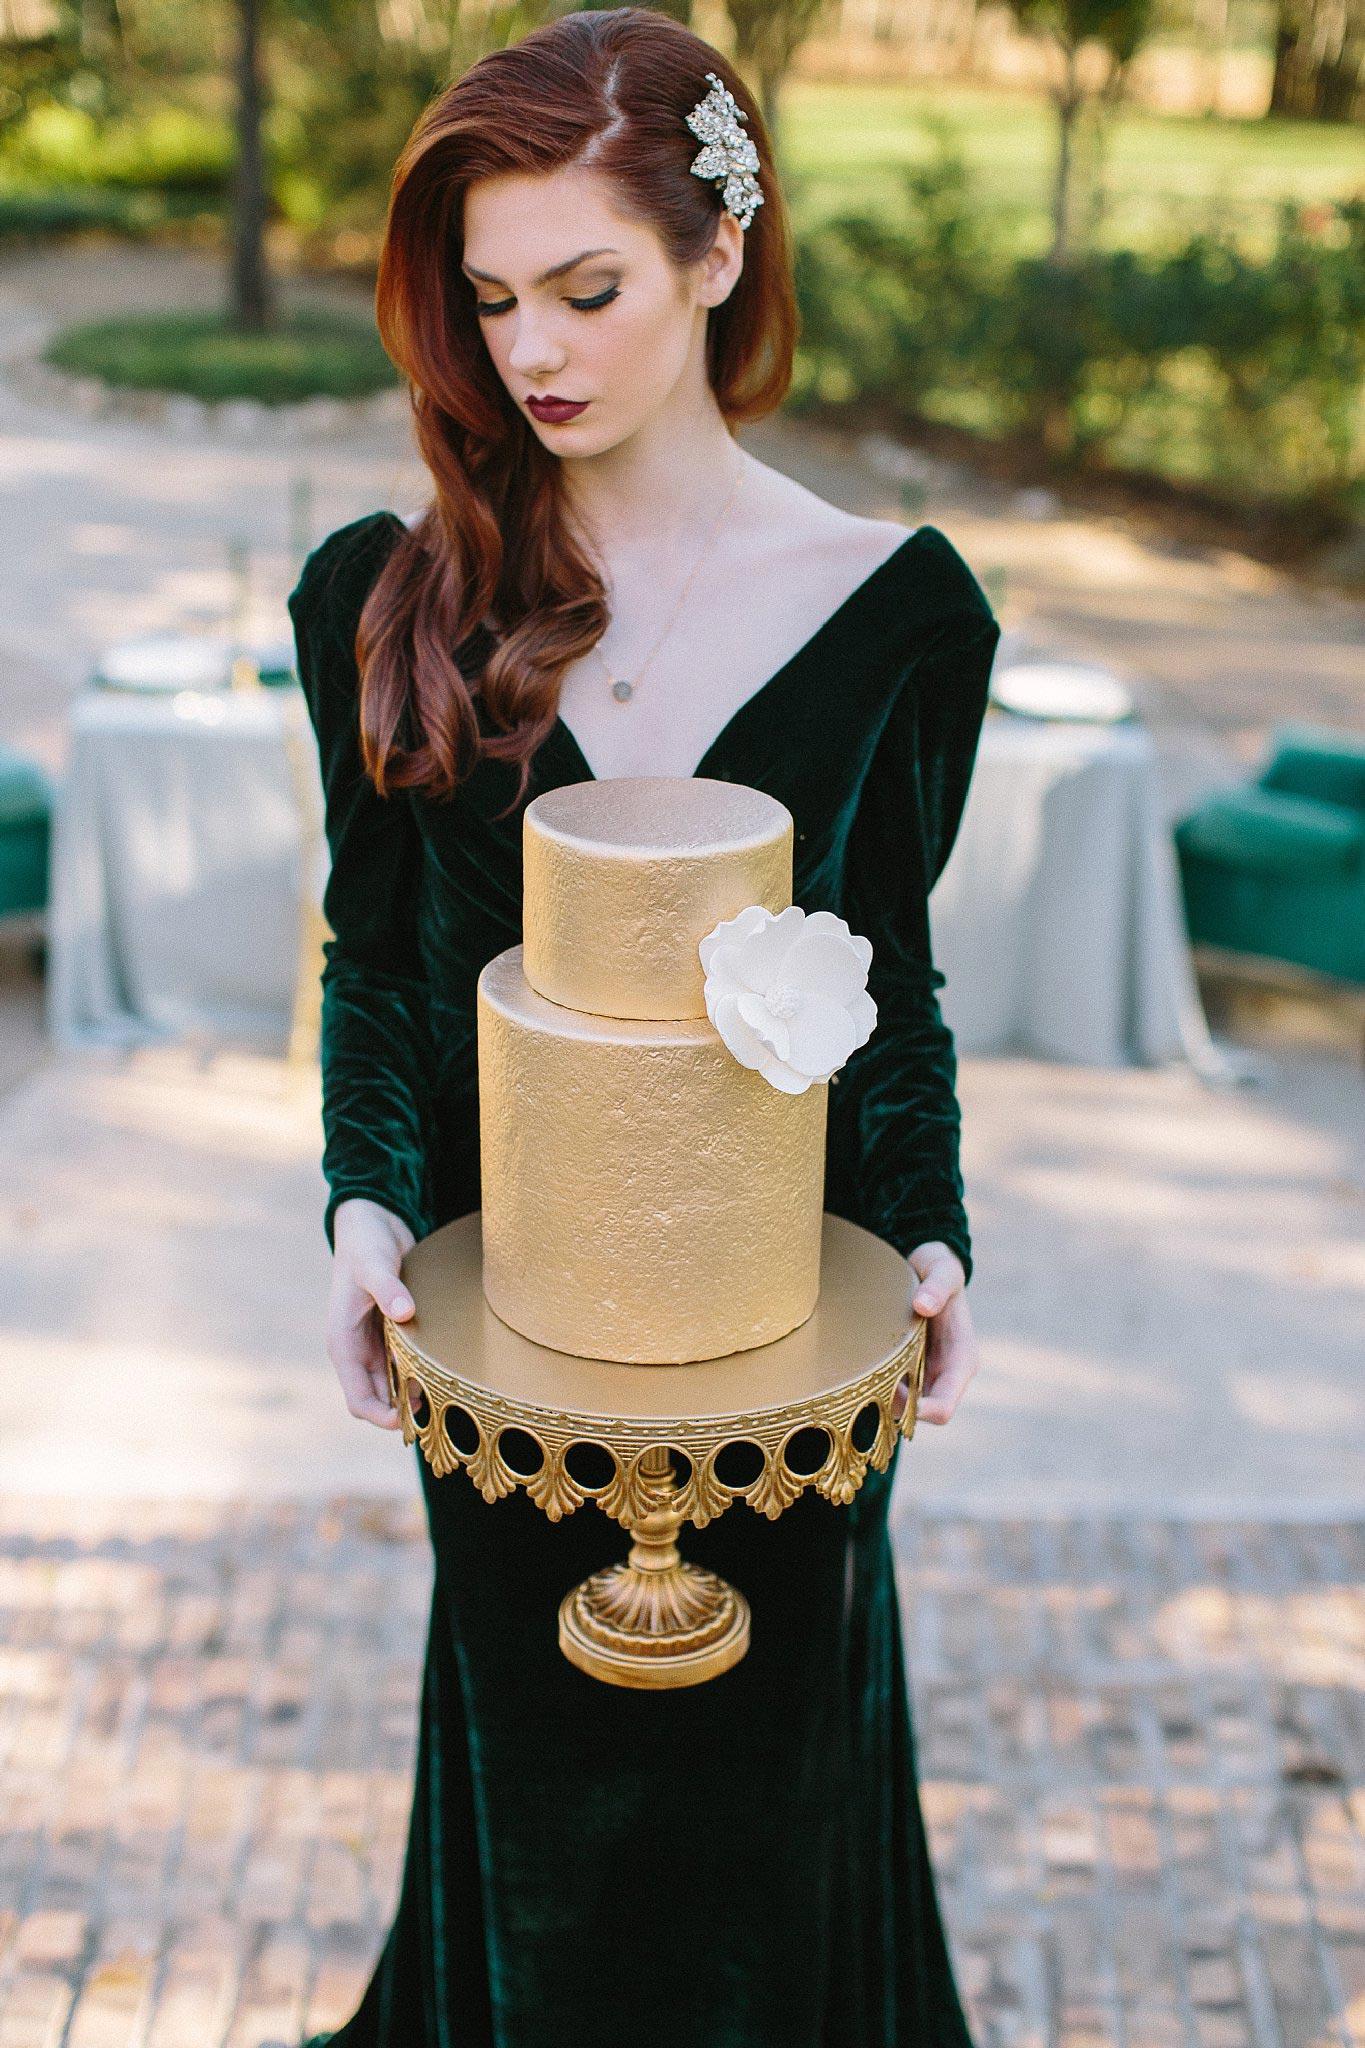 aristide mansfield wedding bride hold gold textured wedding cake